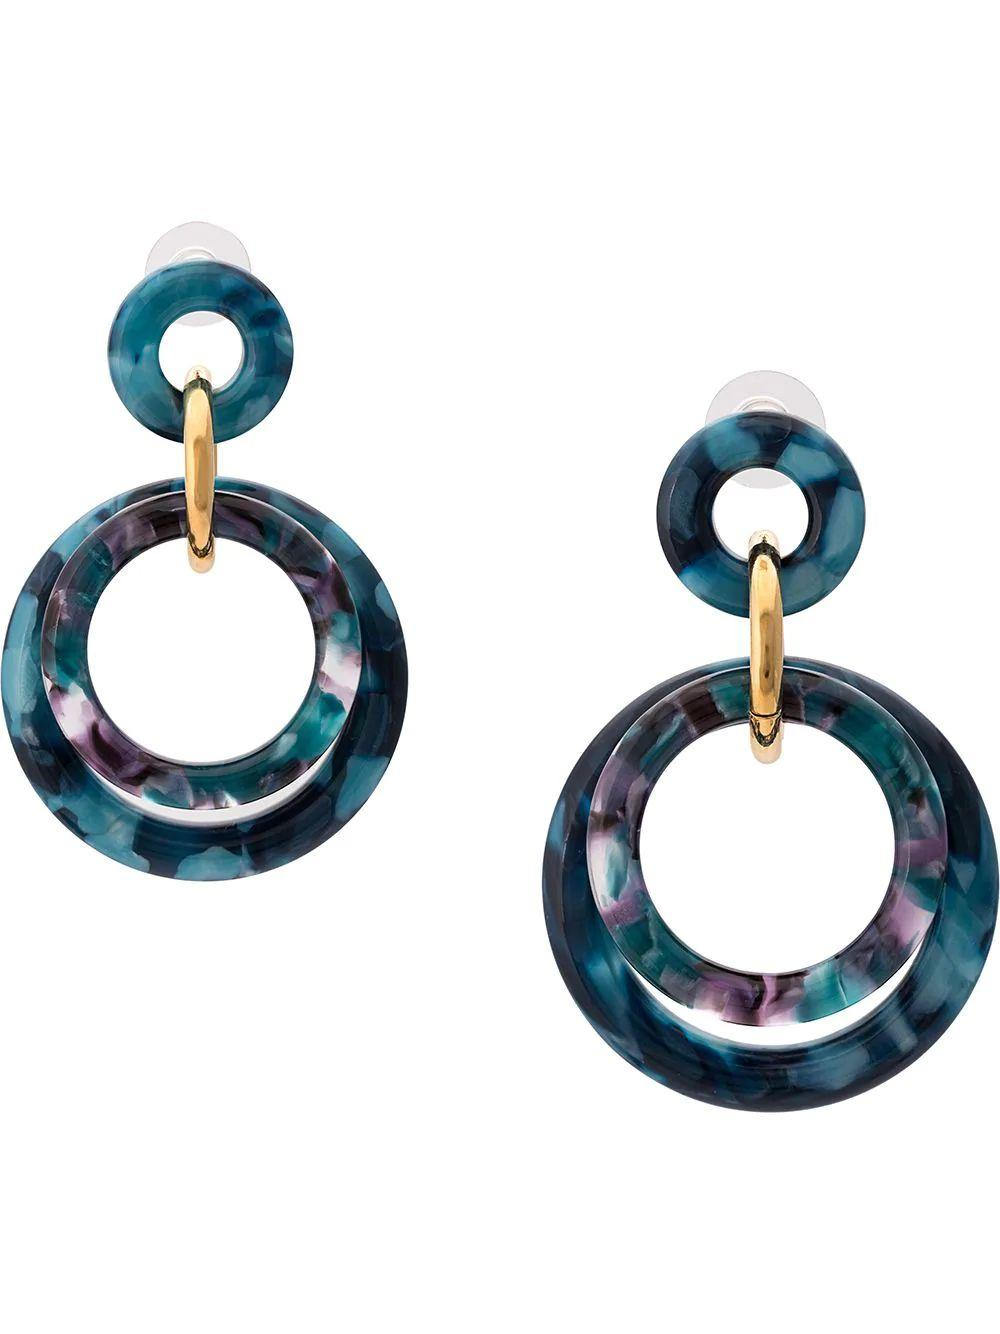 Golden Double Ring Earring Item # LS0755TE